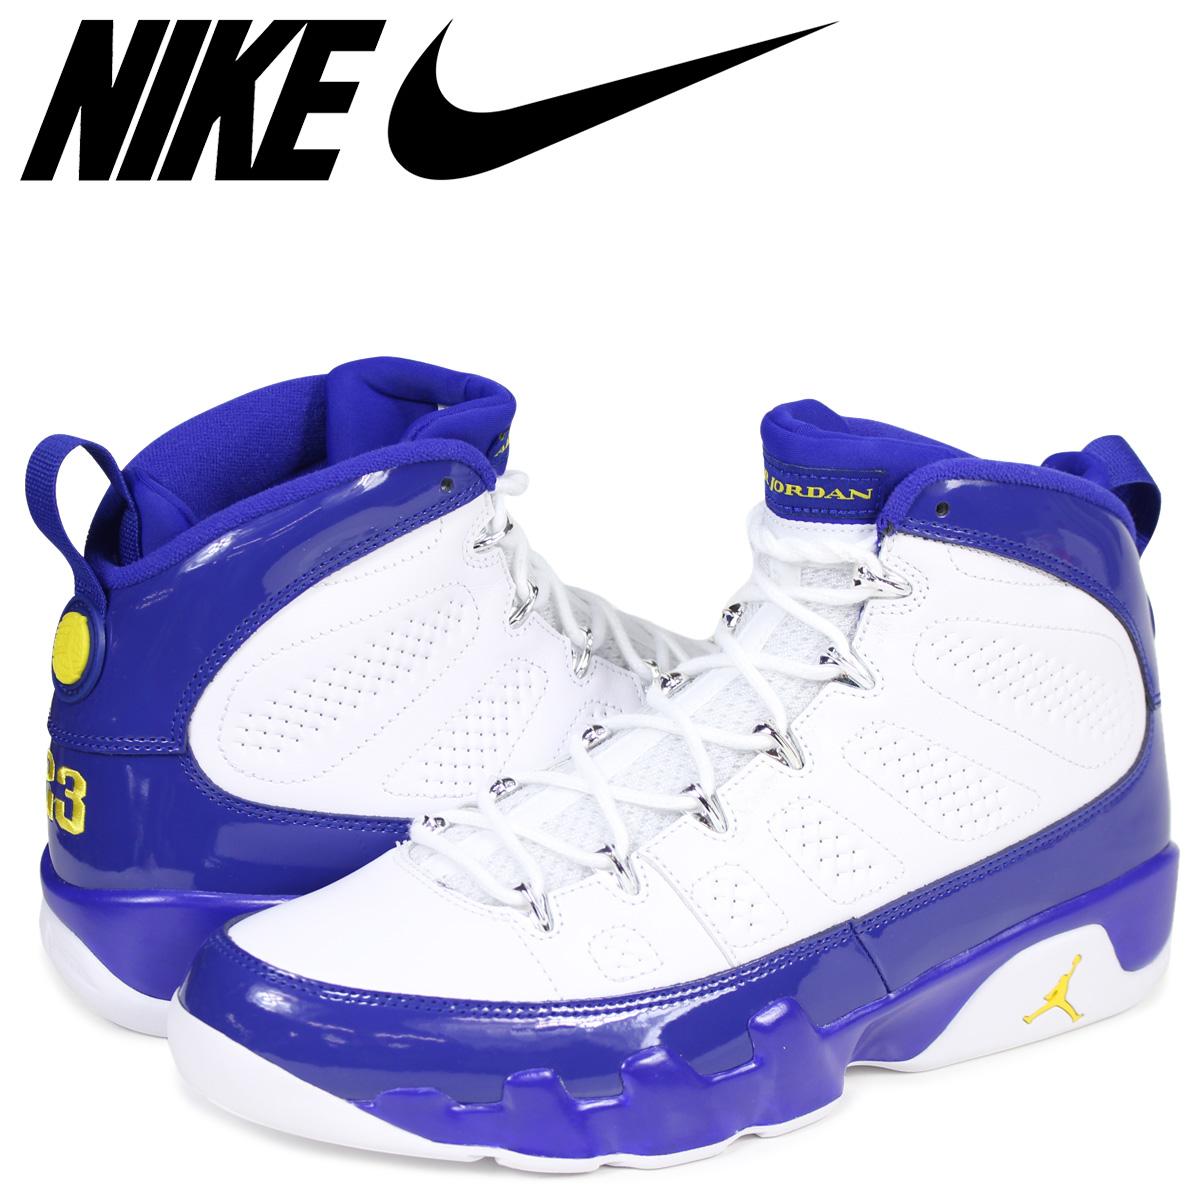 5387fa62f3af ... coupon code for nike air jordan 9 retro kobe nike air jordan 9 nostalgic  sneakers men